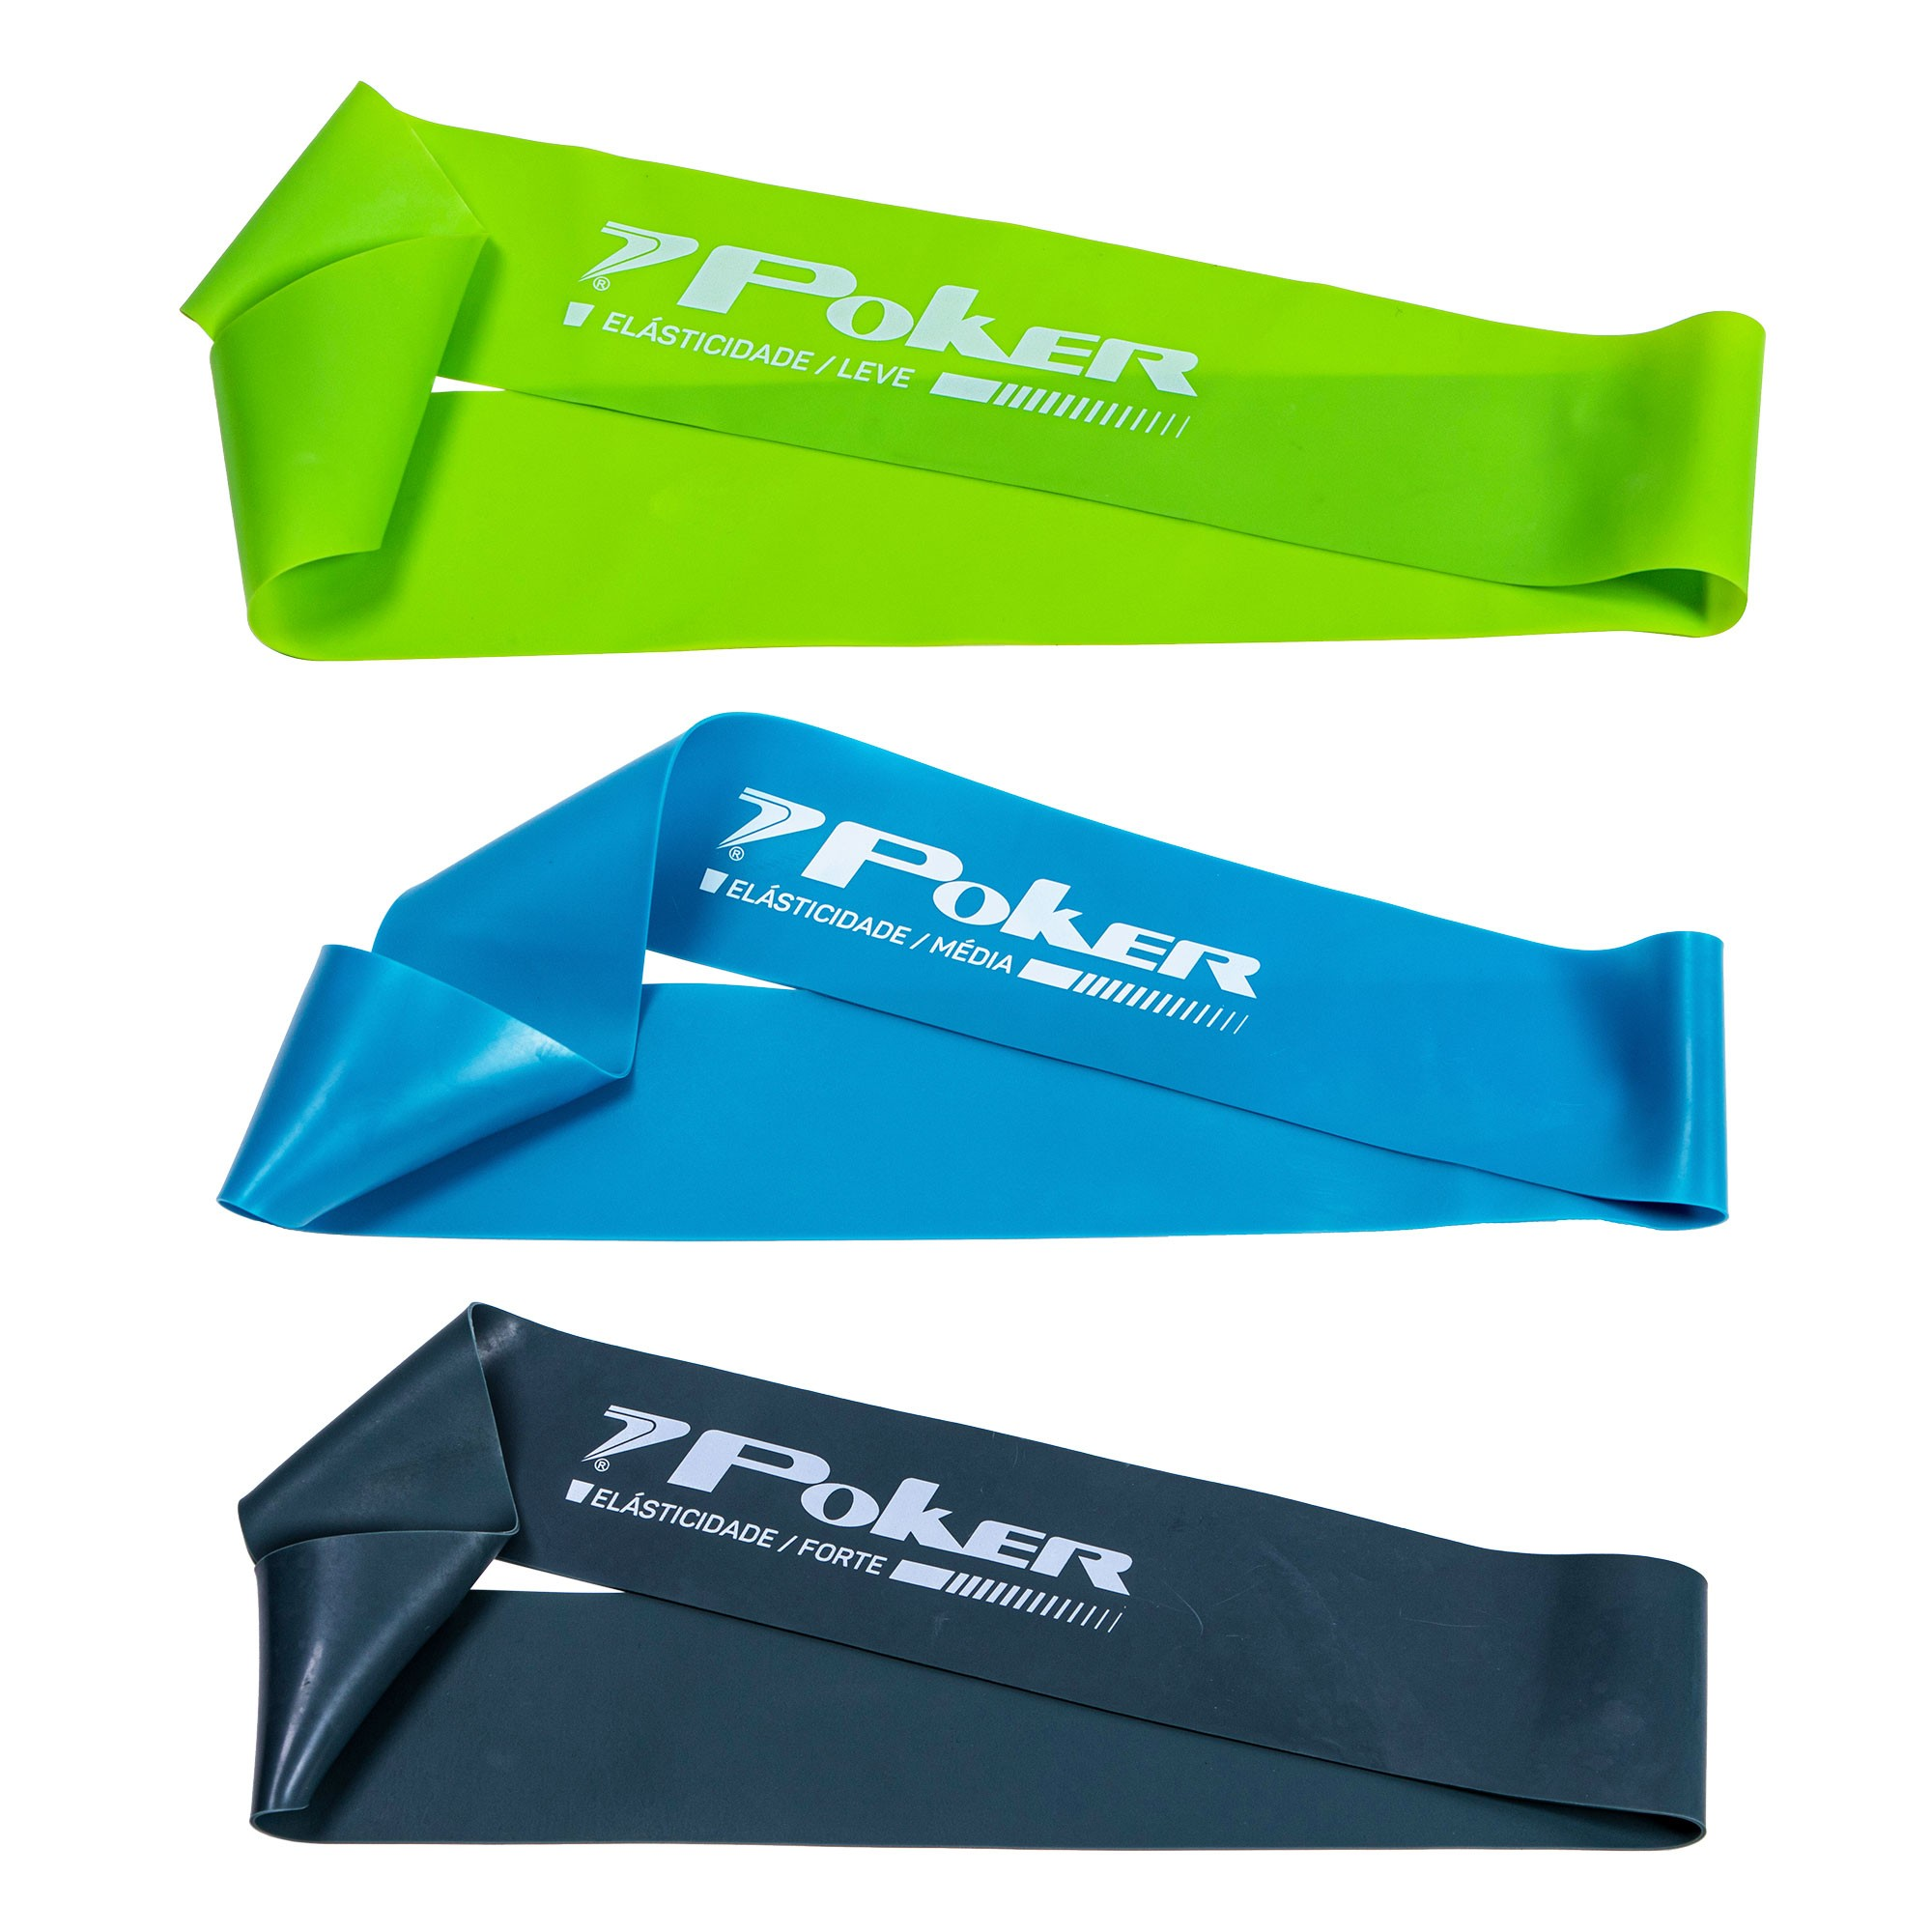 Kit com 3 Mini Bands Poker Leve/Média/Forte 600x50x 0.4/0.6/0.8mm 09113